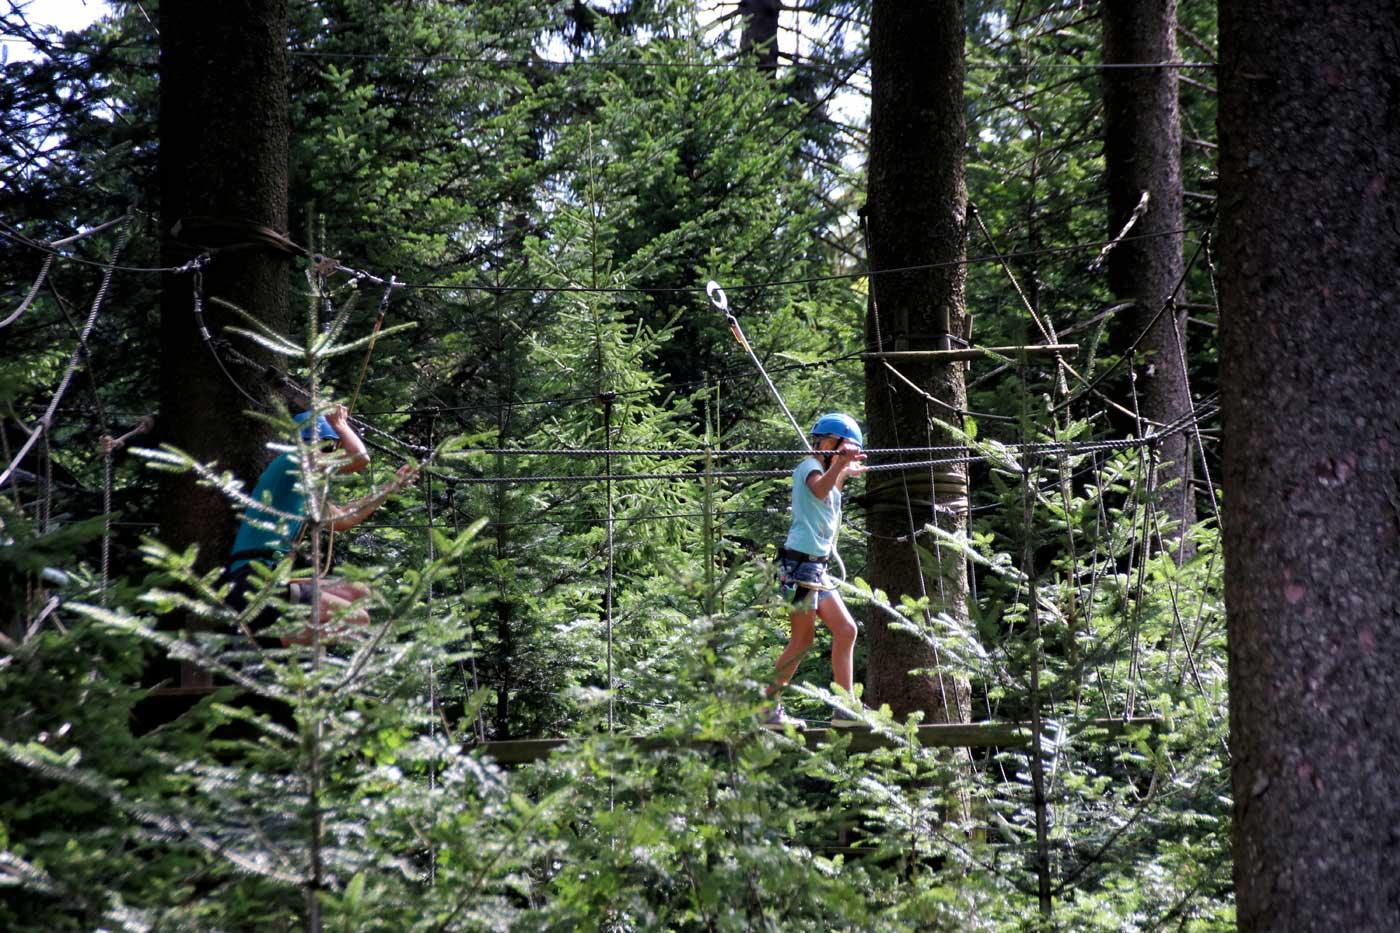 Ausflugstipp im Mühlviertel: Hochseilpark Böhmerwald - Hotel Almesberger****S